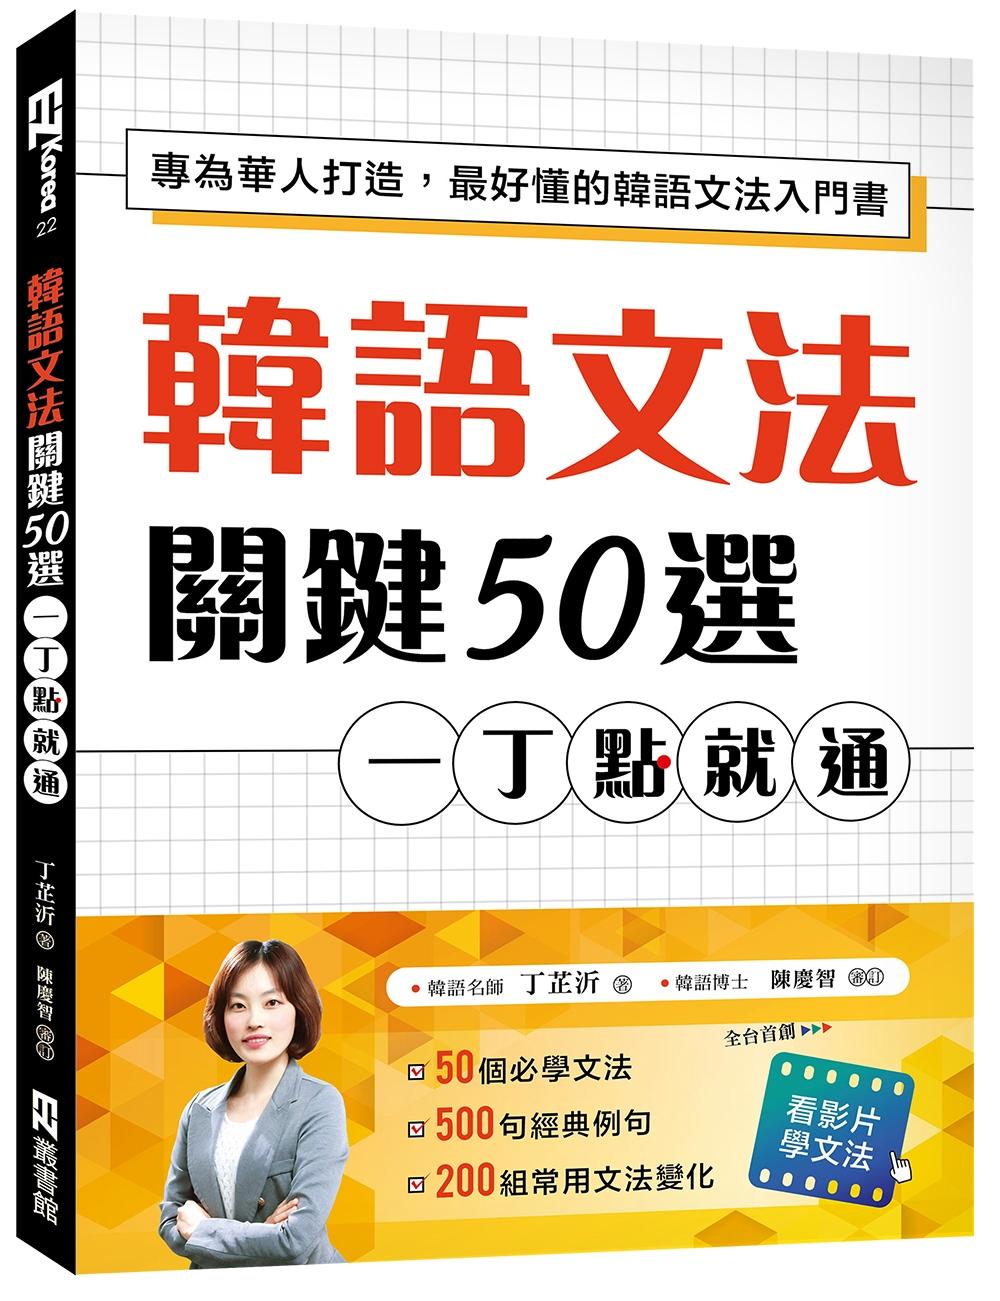 ◤博客來BOOKS◢ 暢銷書榜《推薦》韓語文法關鍵50選,一丁點就通:專為華人打造,最好懂的韓語文法入門書(附教學影片QR碼、文法變化表)